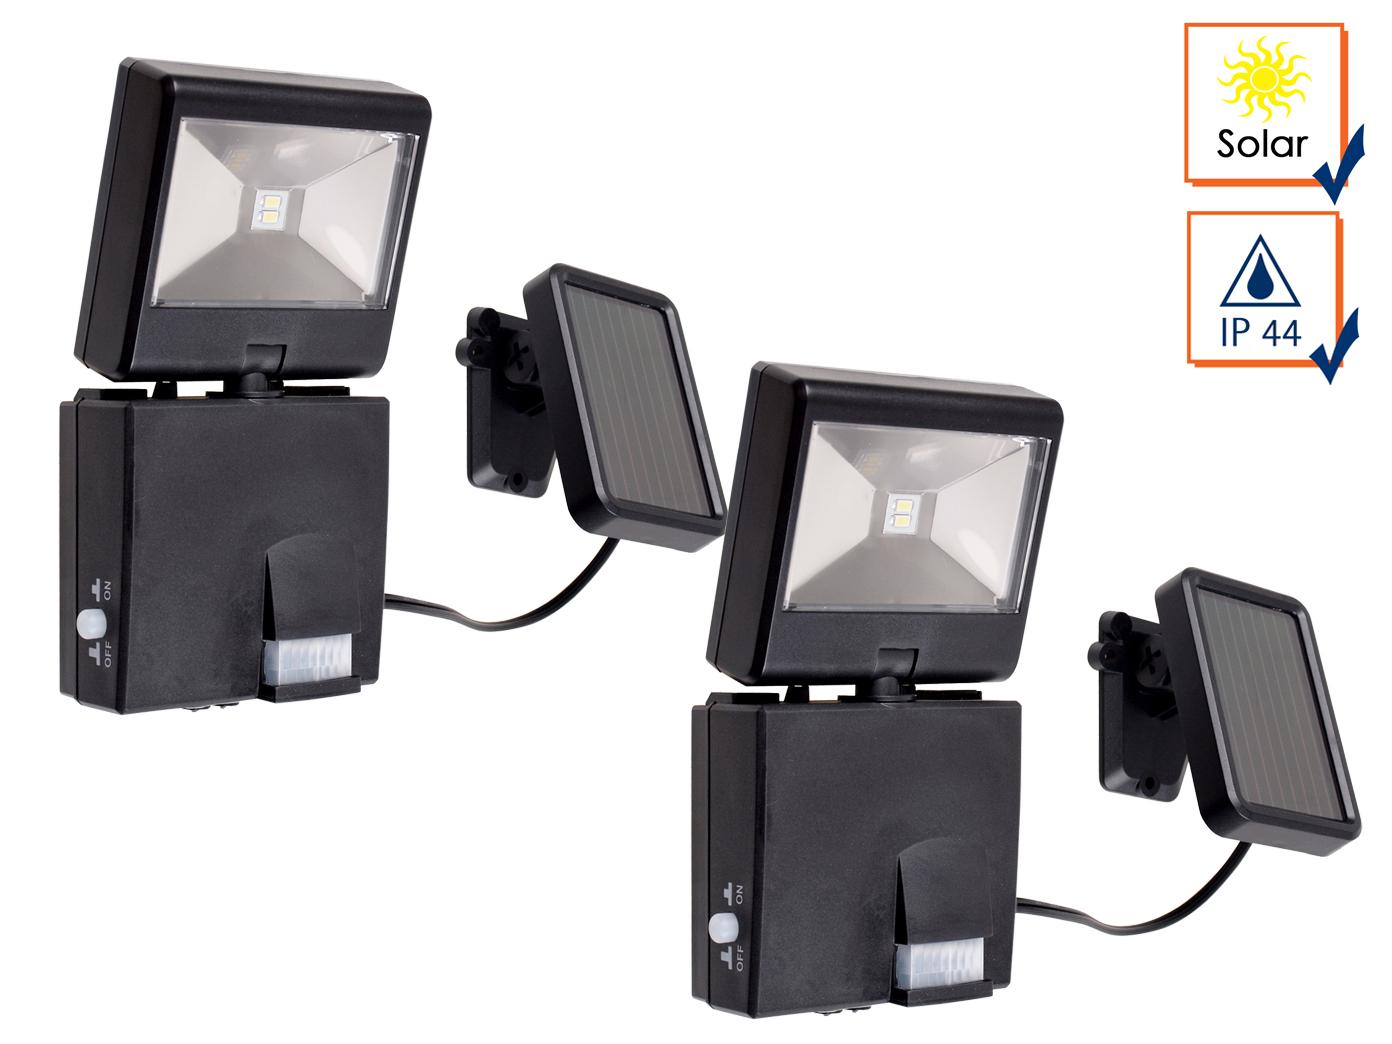 2er set led wegeleuchte mit solar panel bewegungsmelder wandleuchte au enlampe ebay. Black Bedroom Furniture Sets. Home Design Ideas